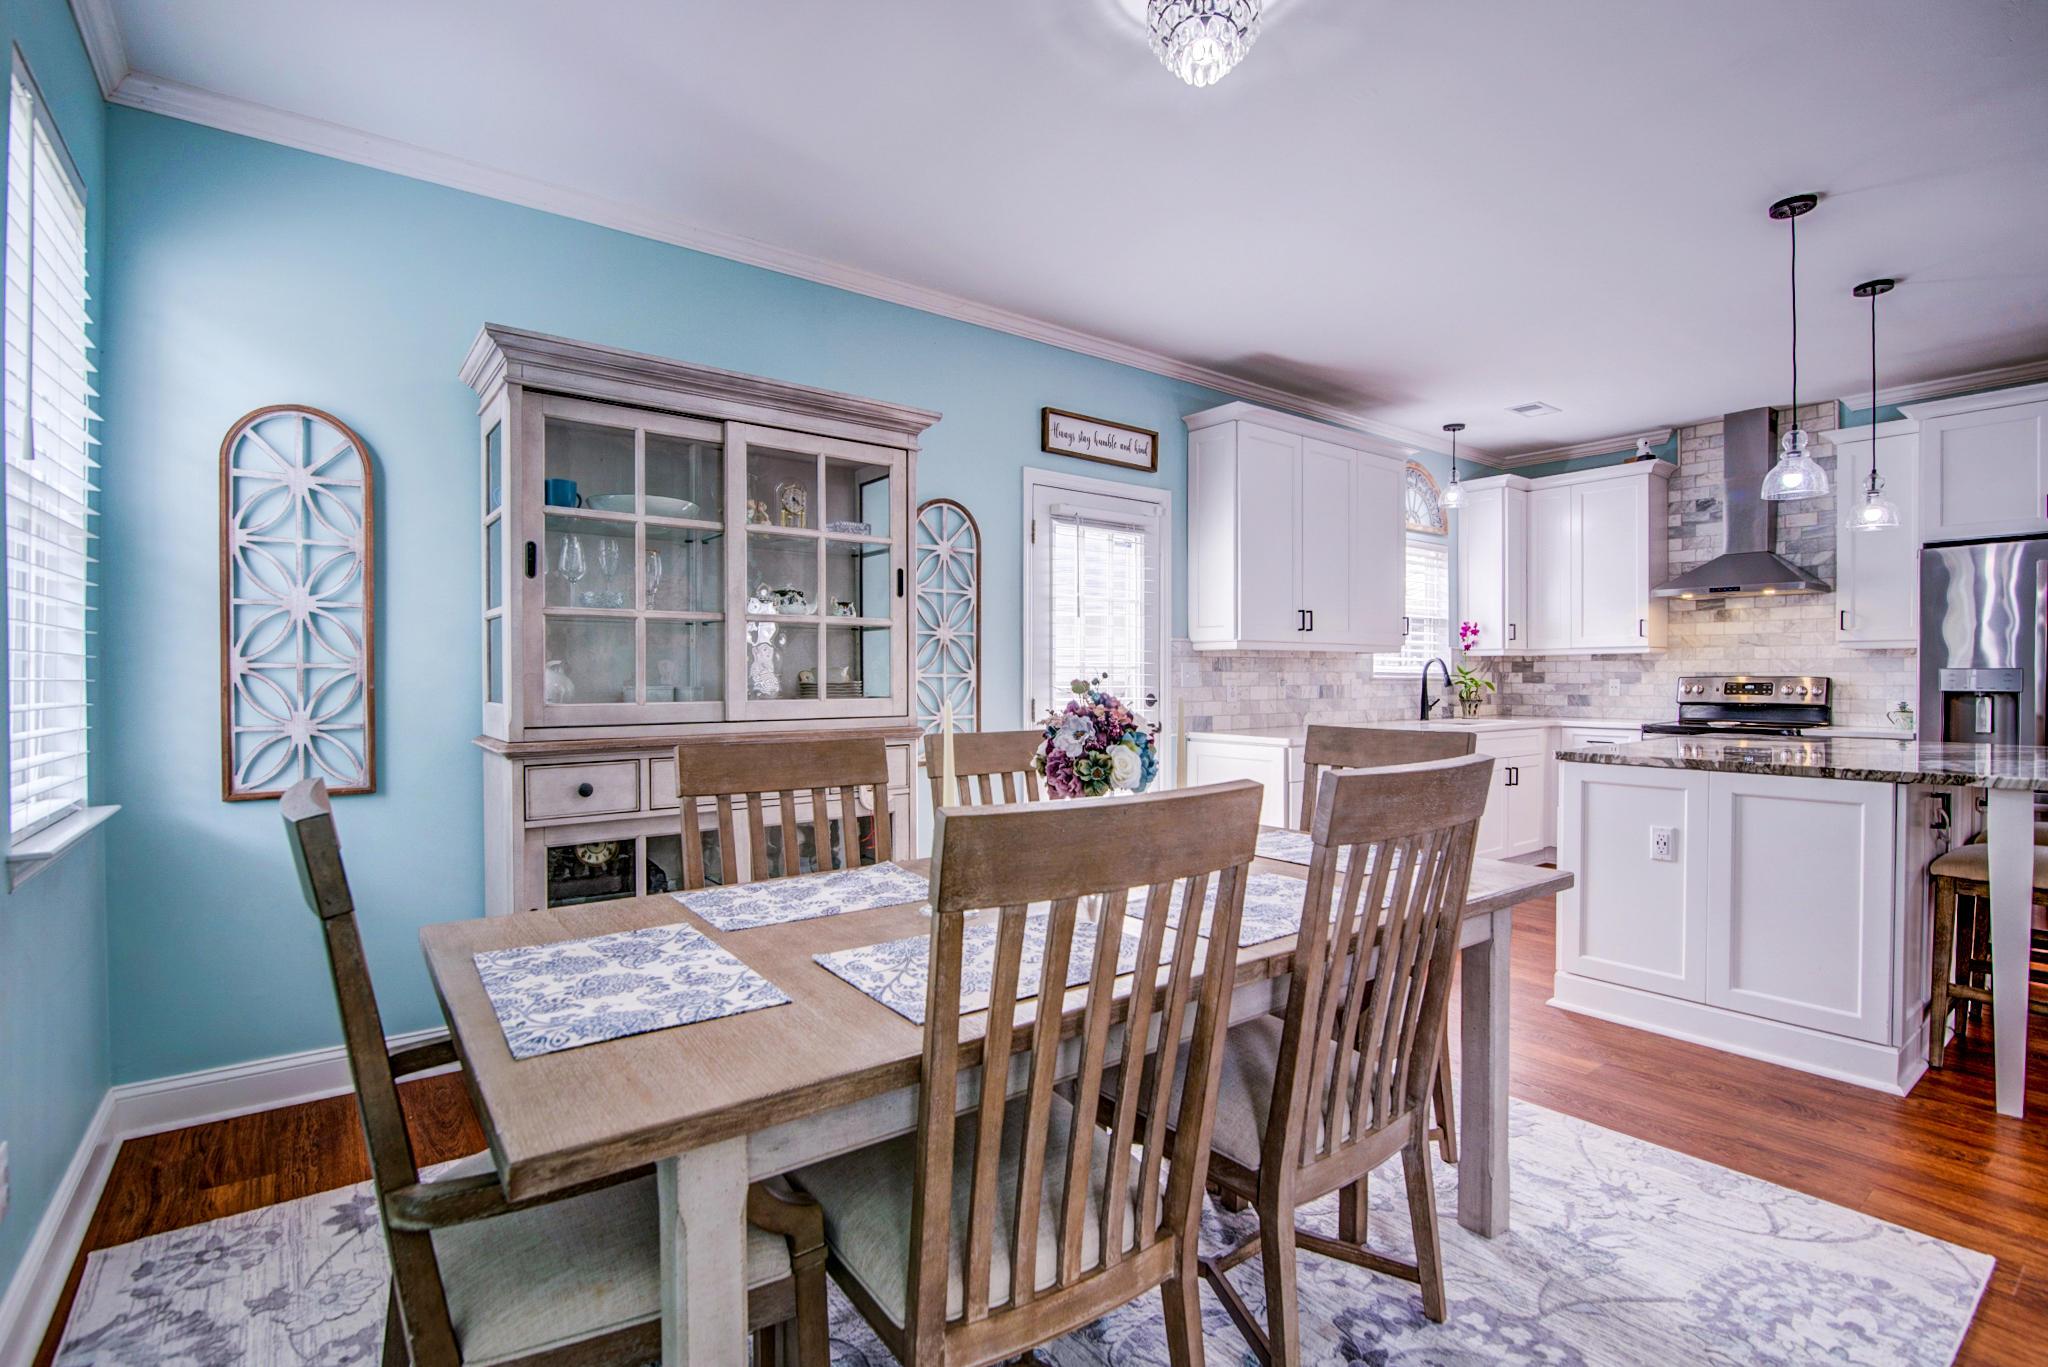 Jamestowne Village Homes For Sale - 1480 Swamp Fox, Charleston, SC - 4